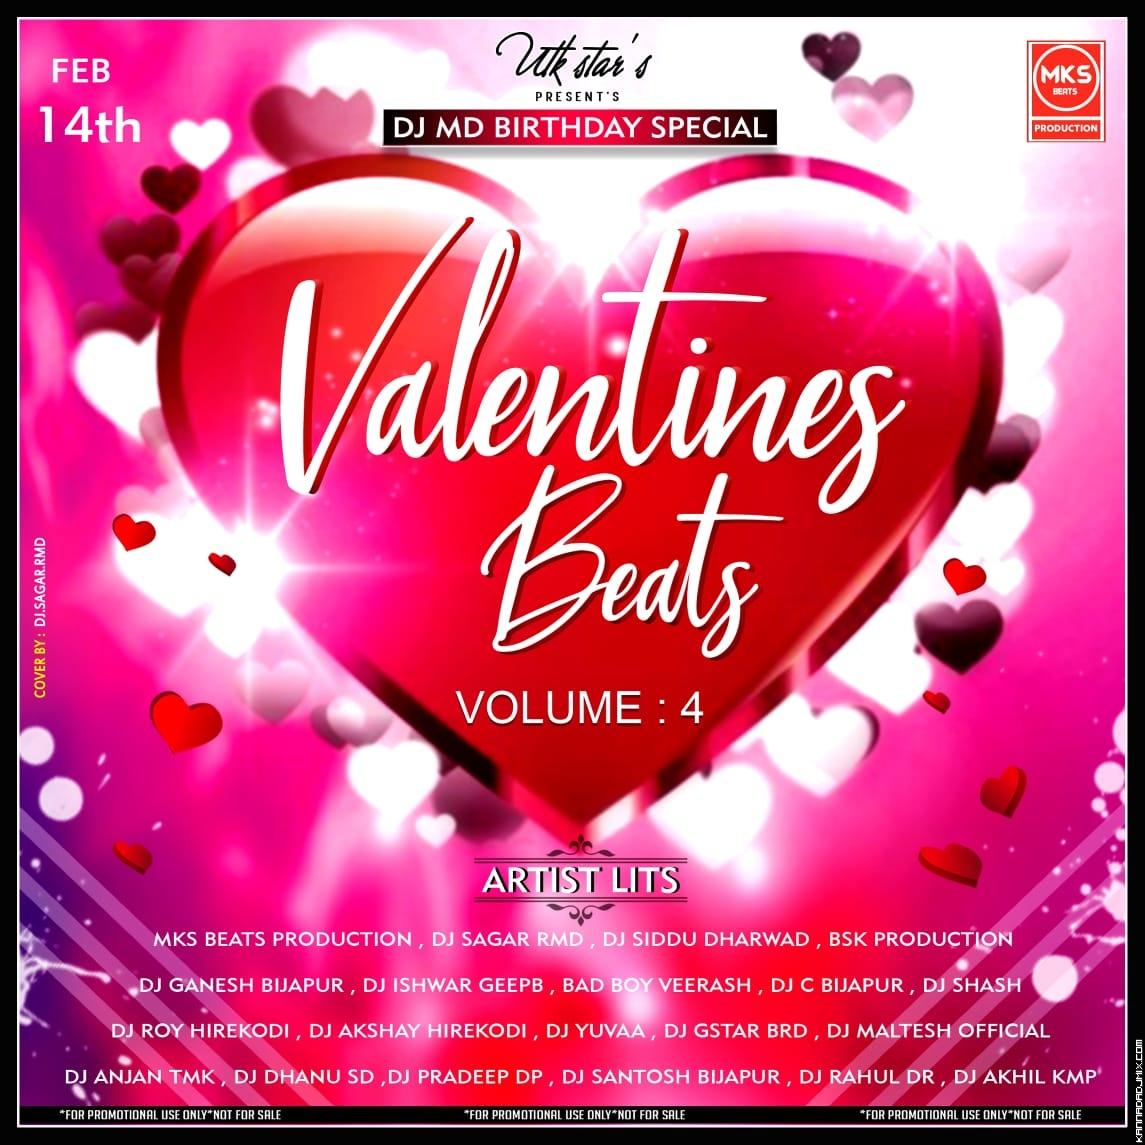 13-YELLIRUVE MANAV KADUVA RUPASIYE -DJ YUVAA x DJ Gstar BRD.mp3